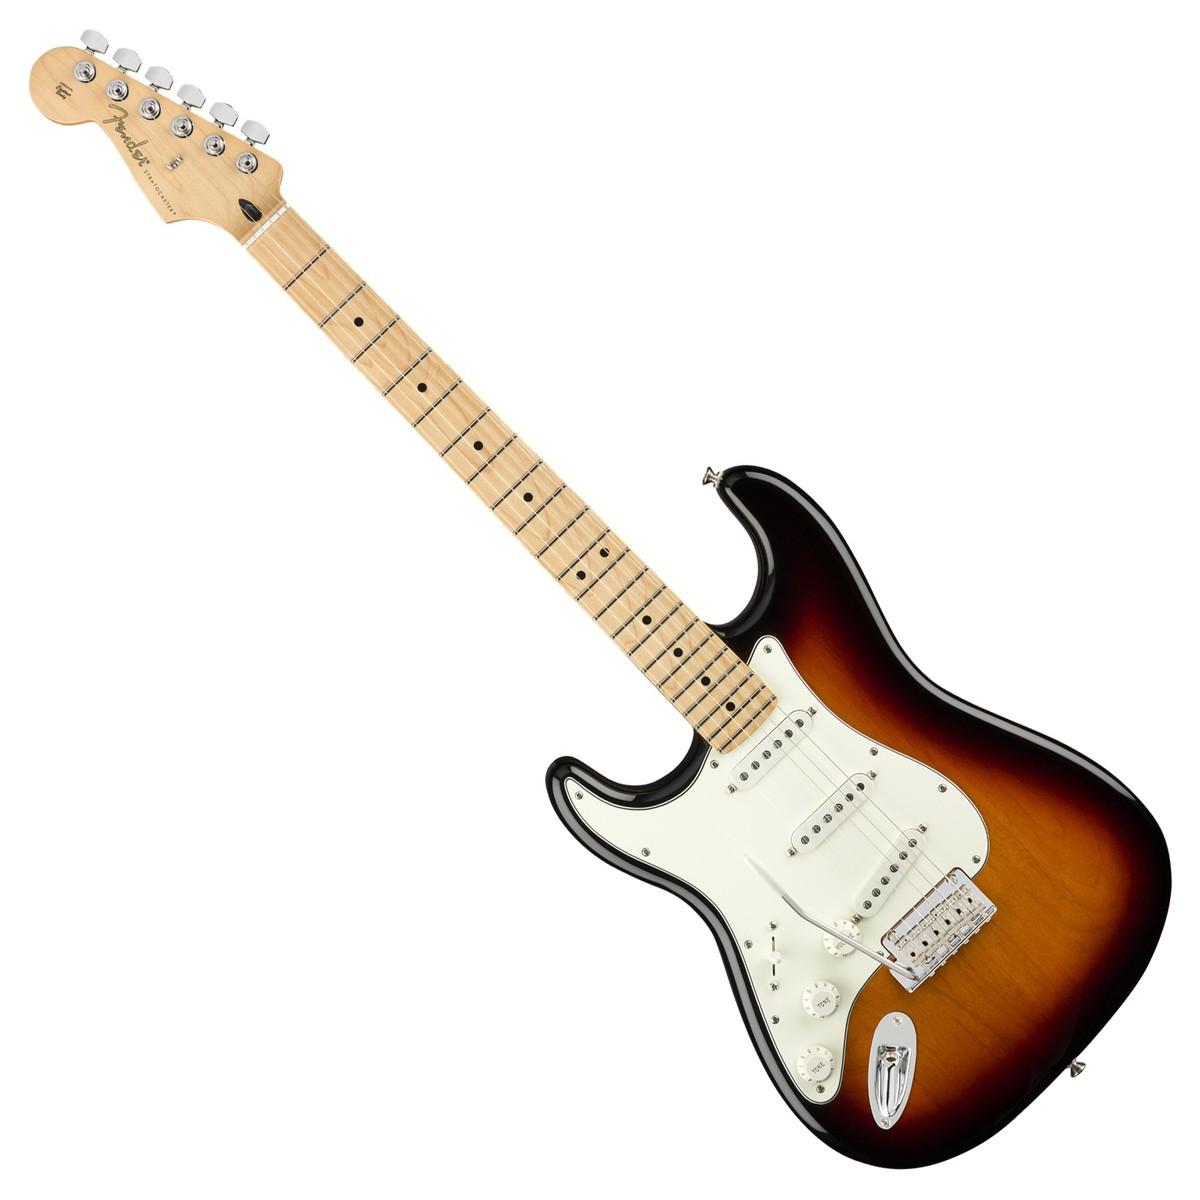 Fender Stratocaster Price >> Fender Player Stratocaster Mn Left Handed 3 Tone Sunburst